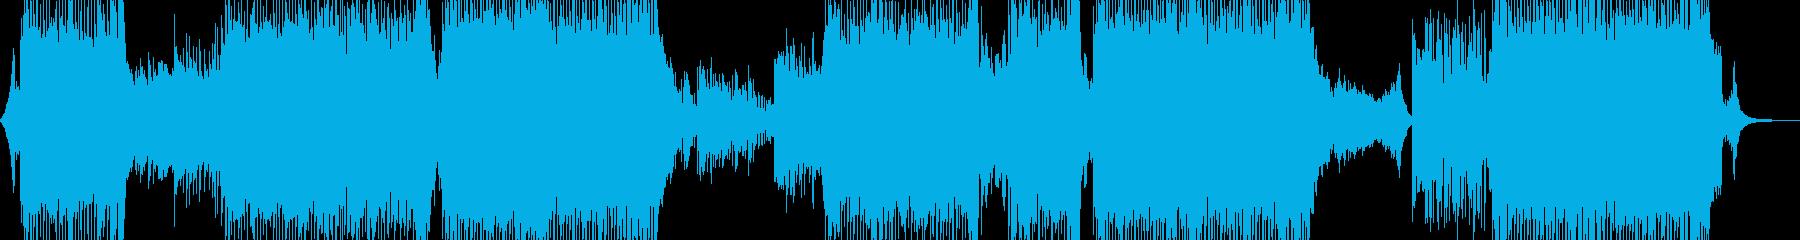 煌びやかで幻想的な冬テクノ 長尺の再生済みの波形